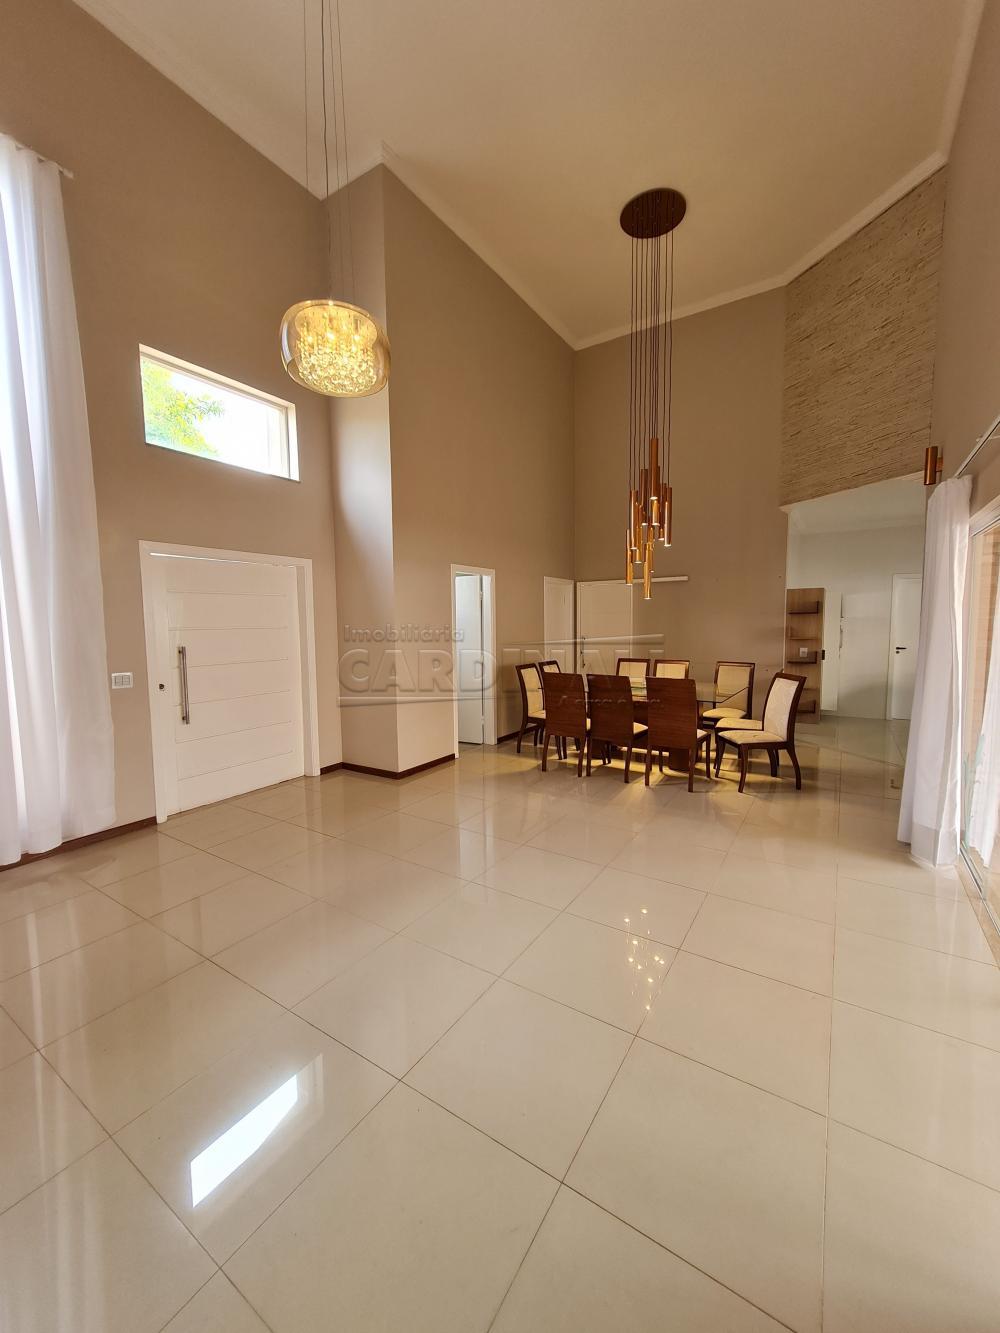 Comprar Casa / Condomínio em São Carlos R$ 865.000,00 - Foto 2